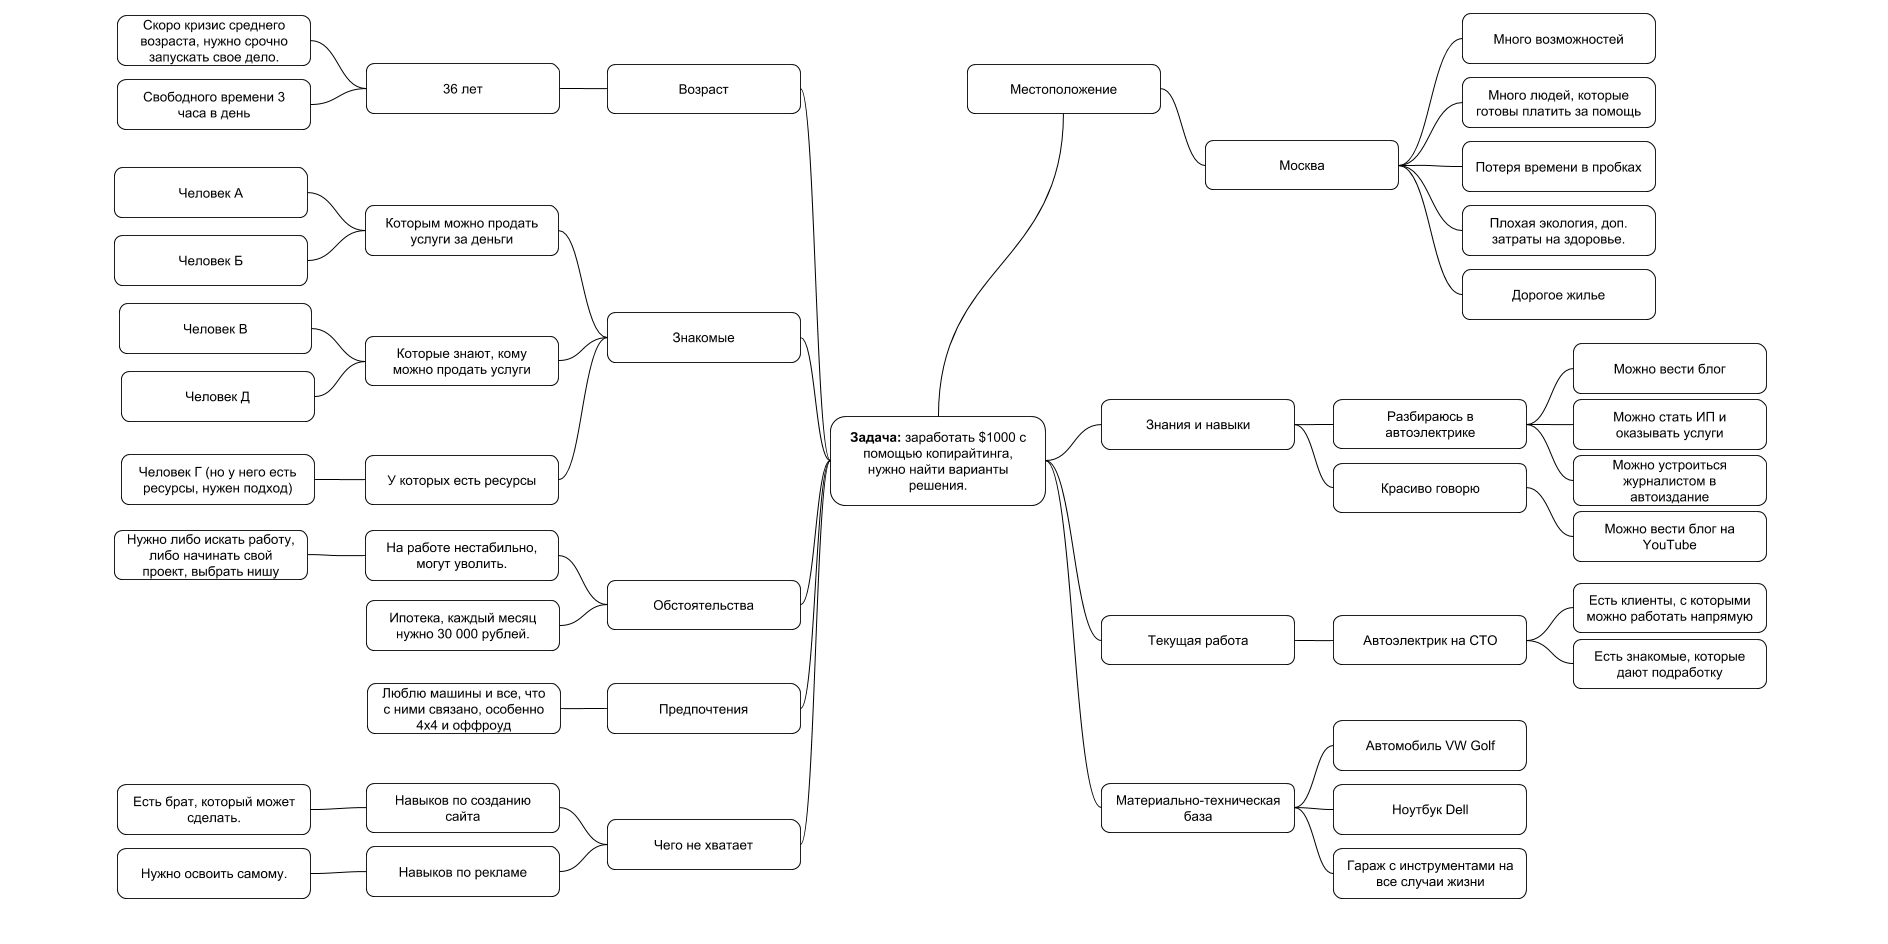 Пример интеллект-карты для новичка-копирайтера